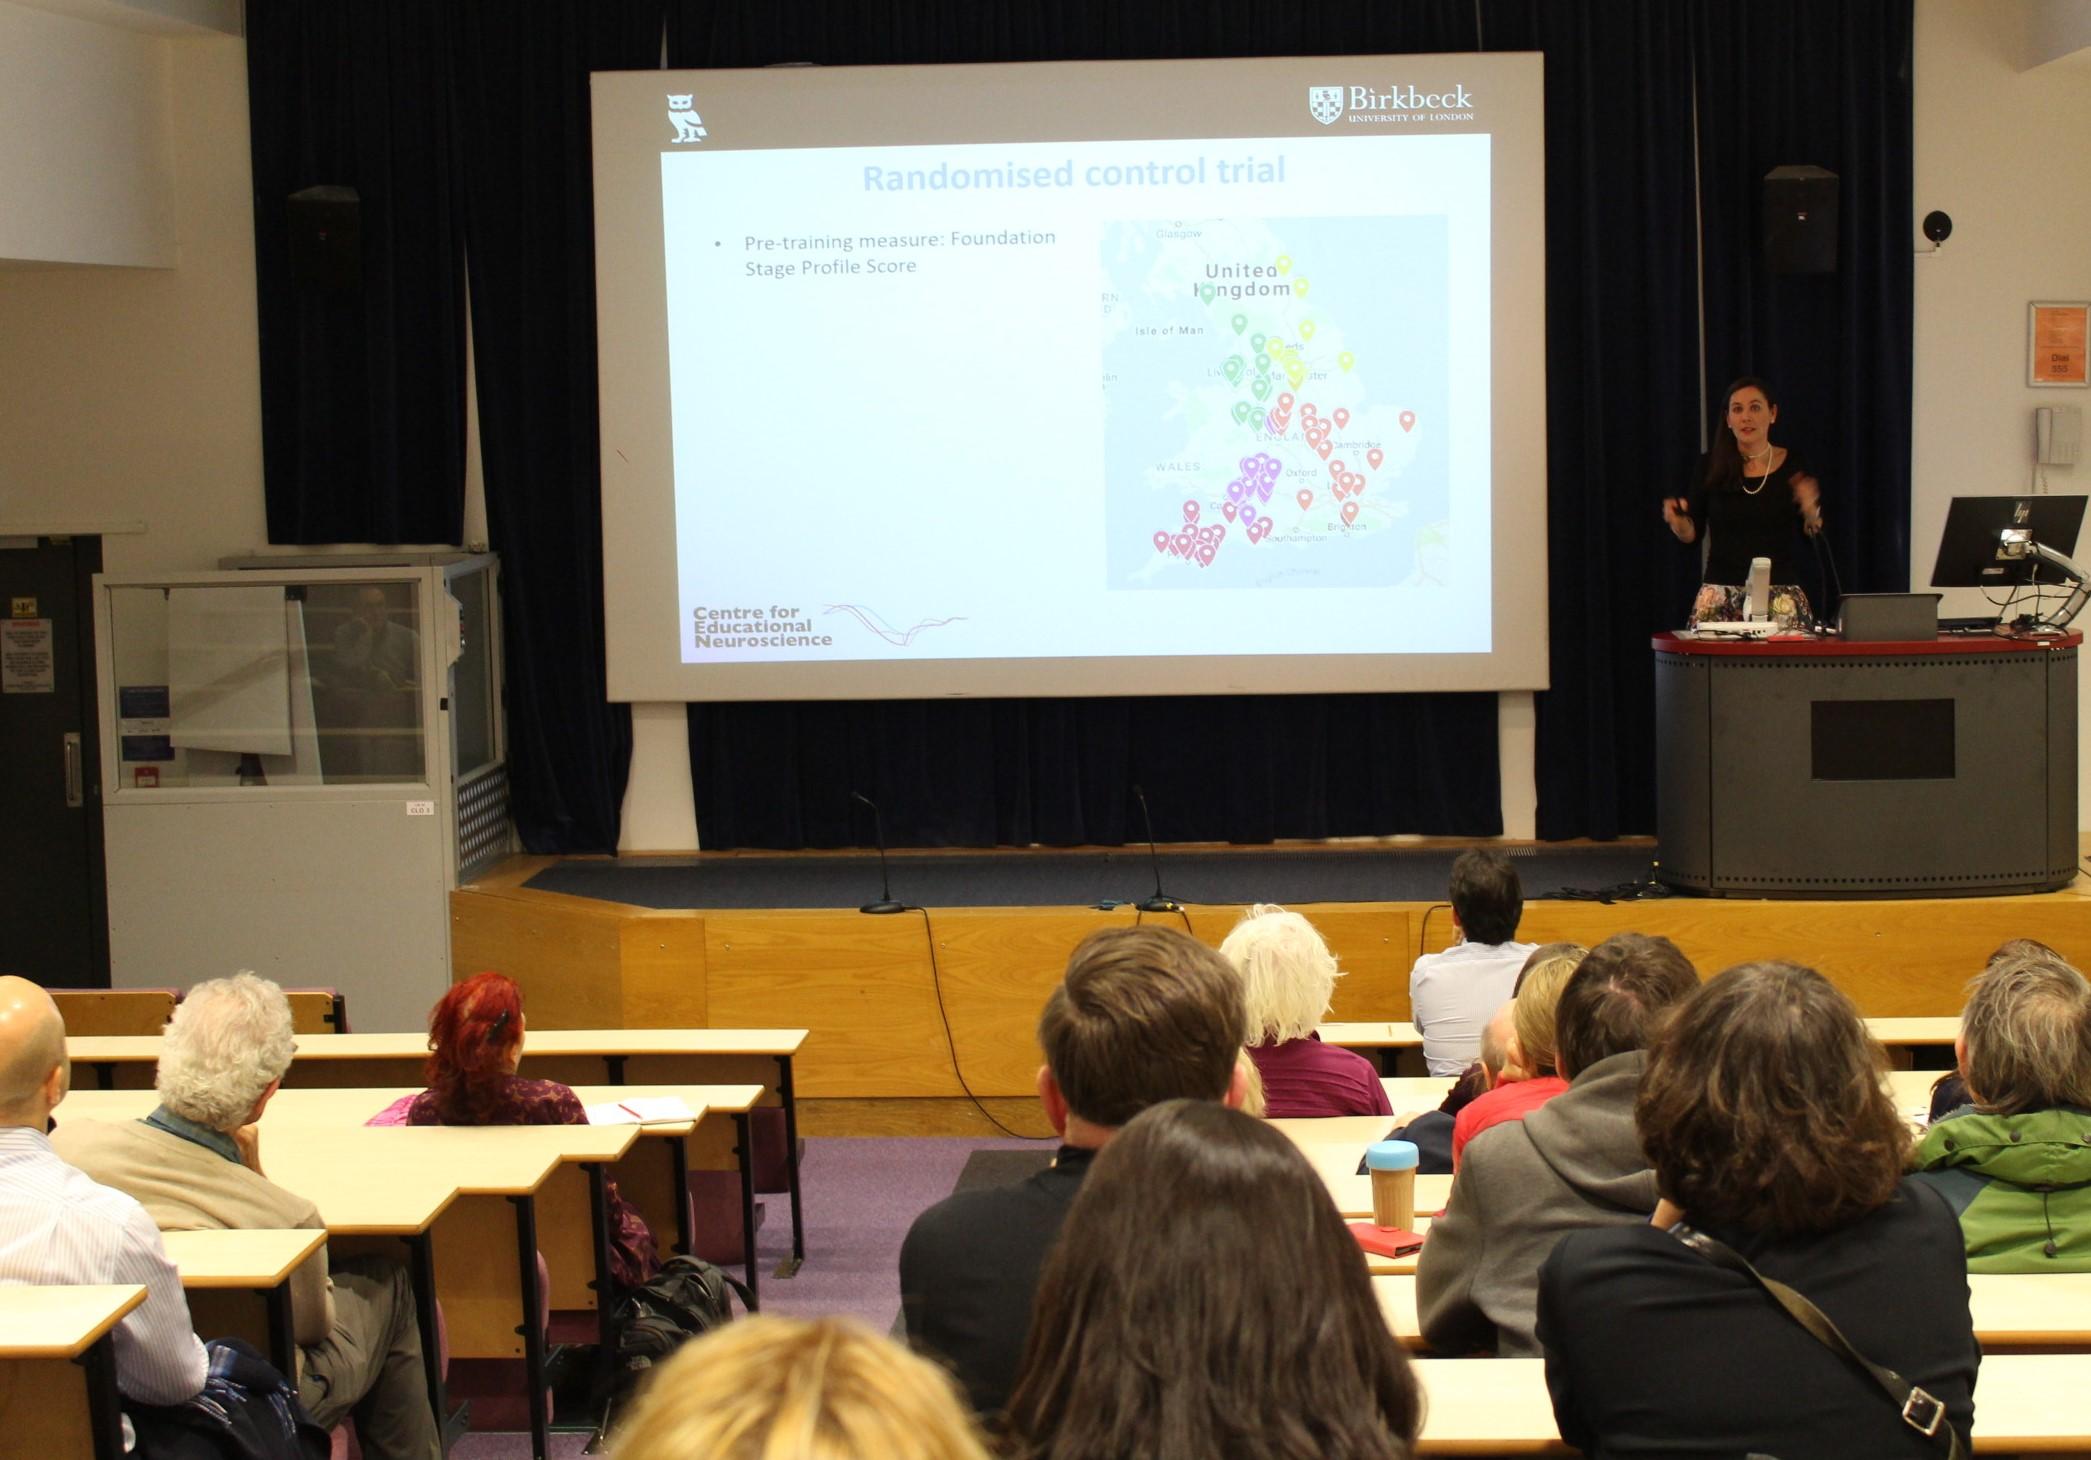 Dr Iroise Dumontheil's lecture